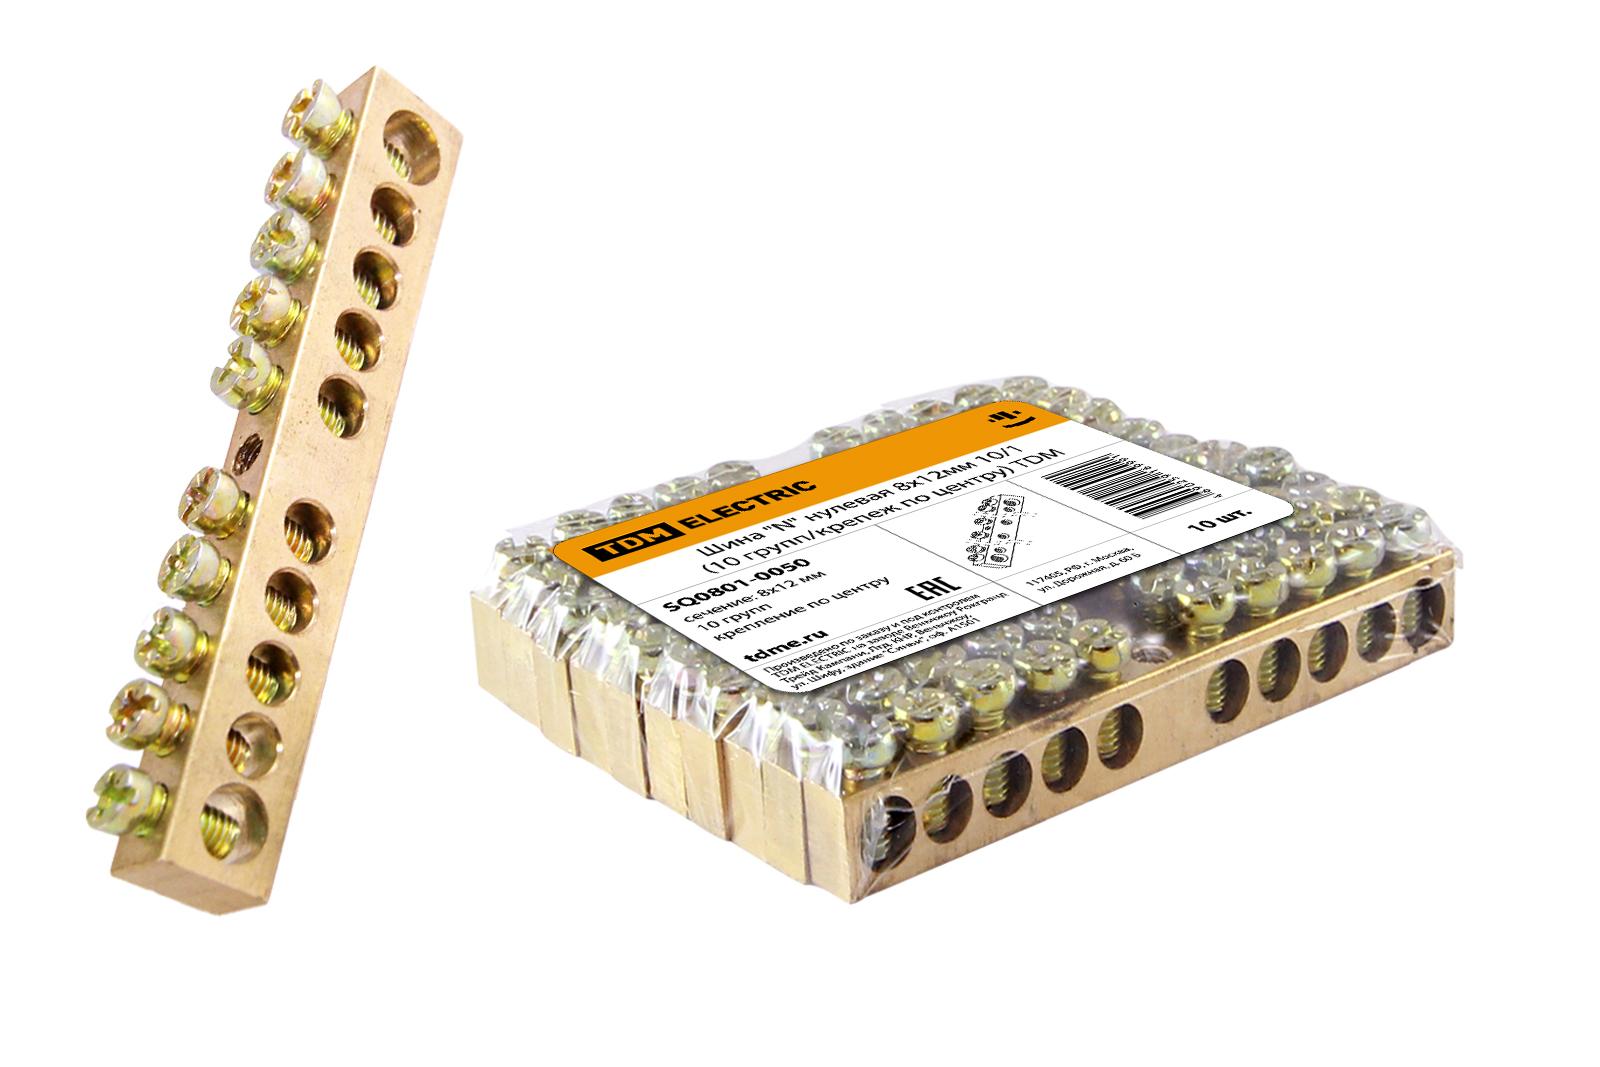 Шина ТДМЩиты электрические, боксы<br>Тип: шина, Материал: латунь, Использование: в помещении, DIN рейка: одна, Количество модулей: 10<br>